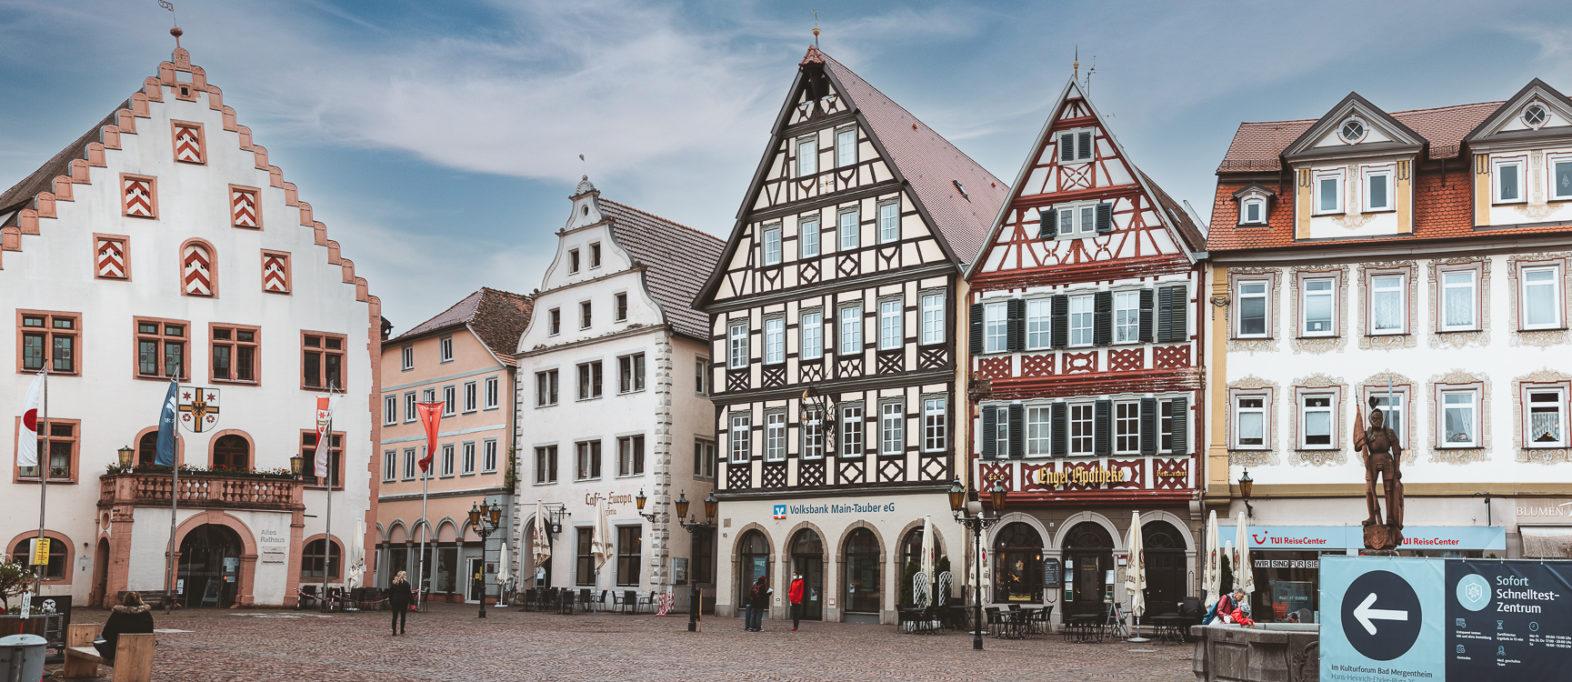 Bad Mergentheim Marktplatz Highlight im Taubertal